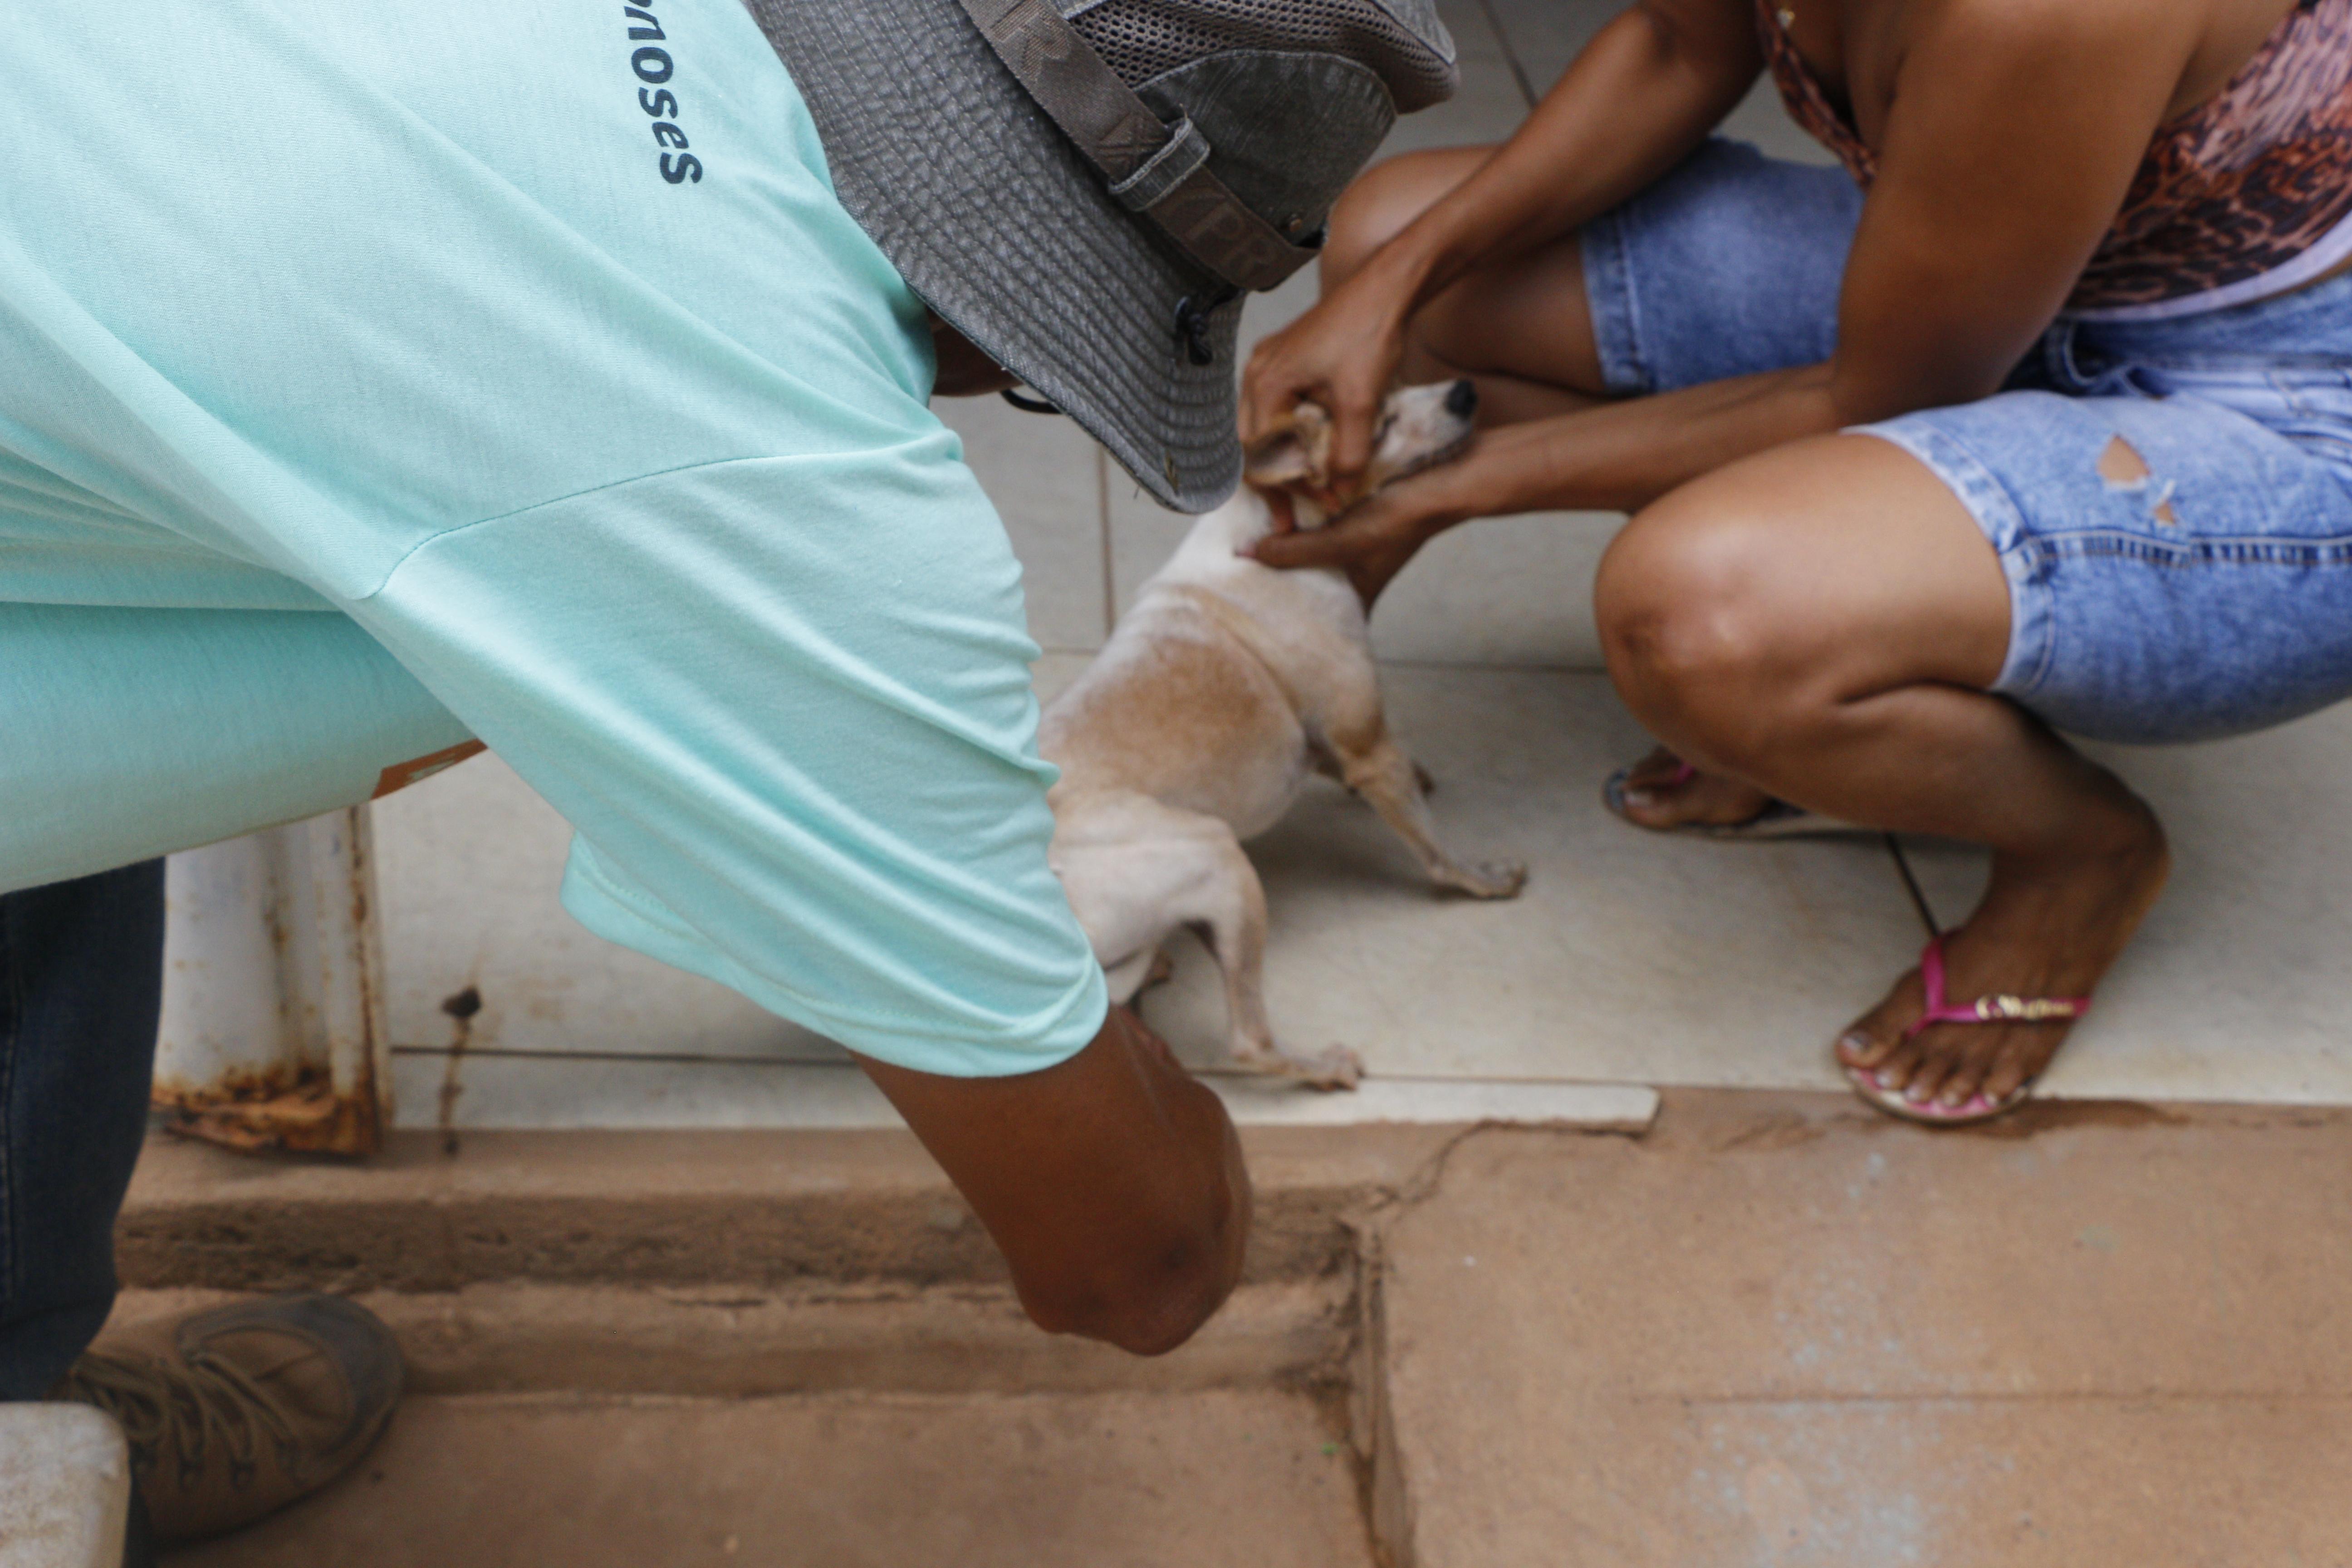 VACINAÇÃO ANTIRRÁBICA: CERCA DE 20 MIL ANIMAIS JÁ FORAM VACINADOS EM MARABÁ